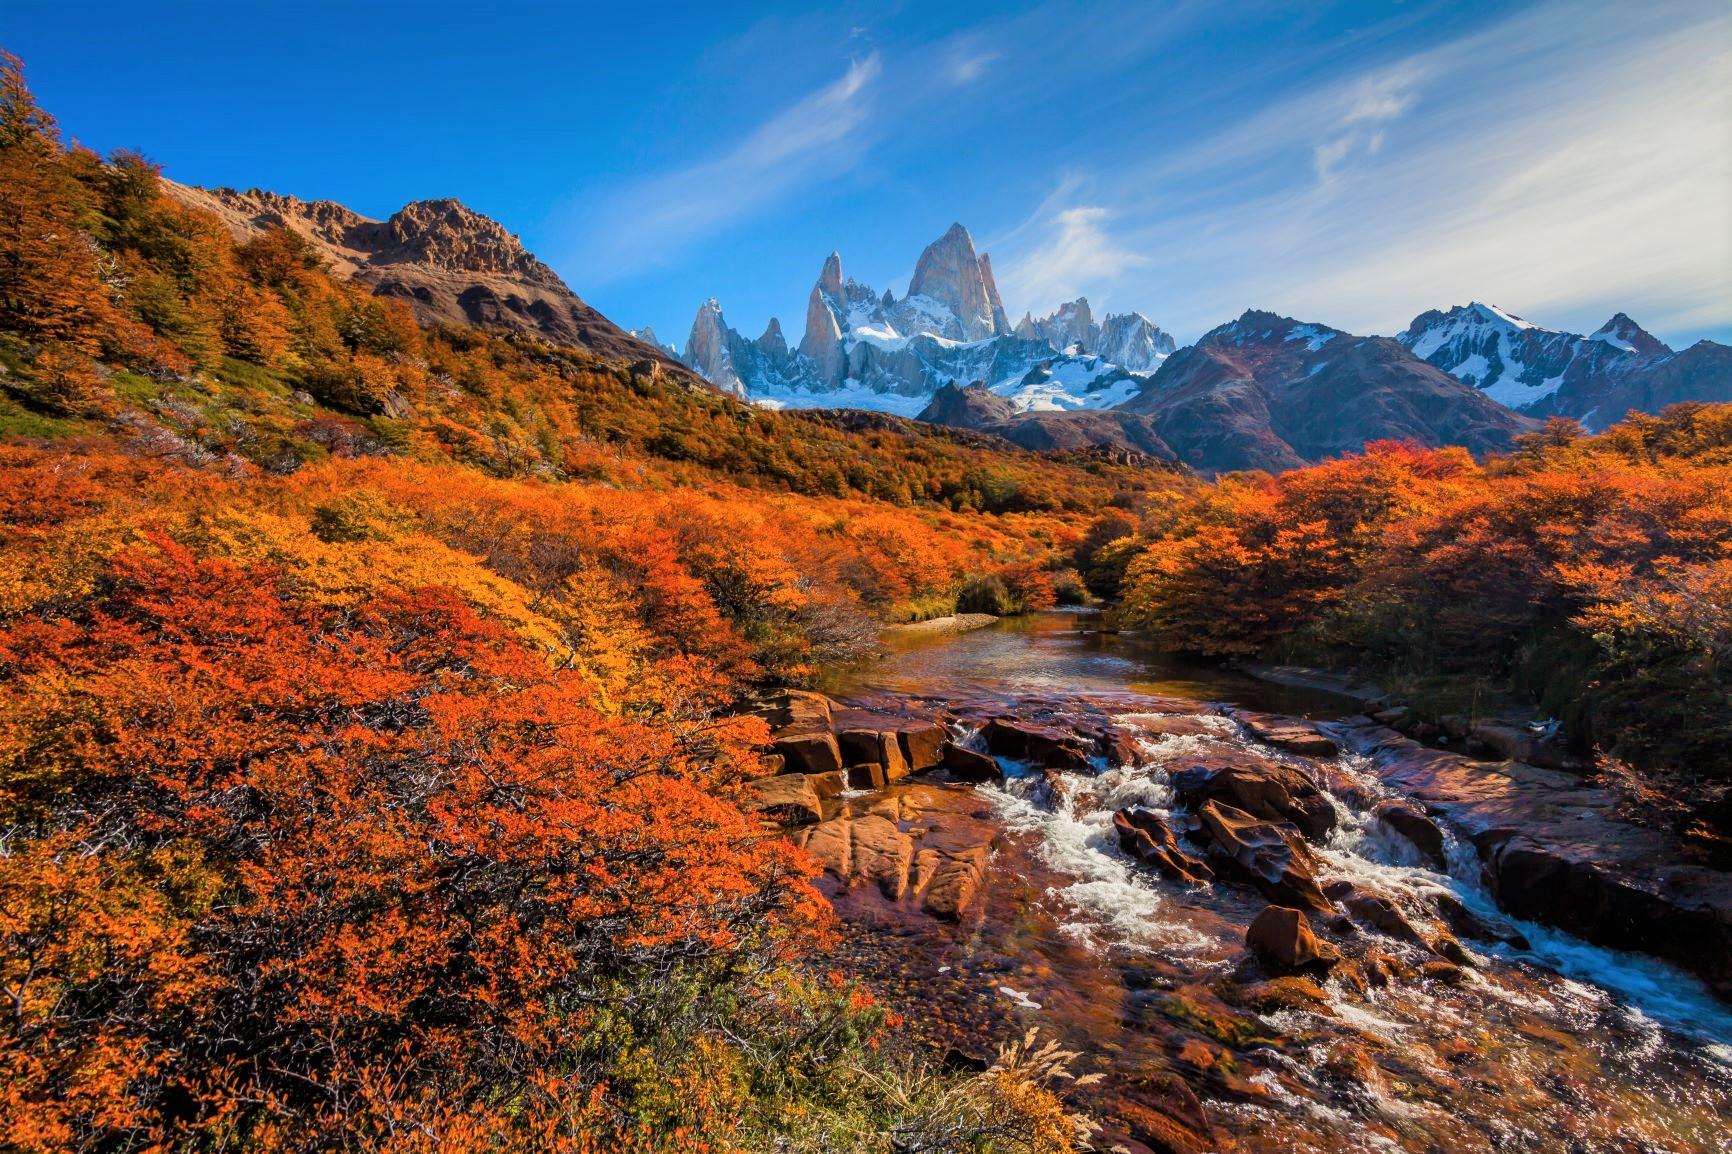 4月は秋色に染まる南極ブナとフィッツロイ山群のコントラストが美しい季節